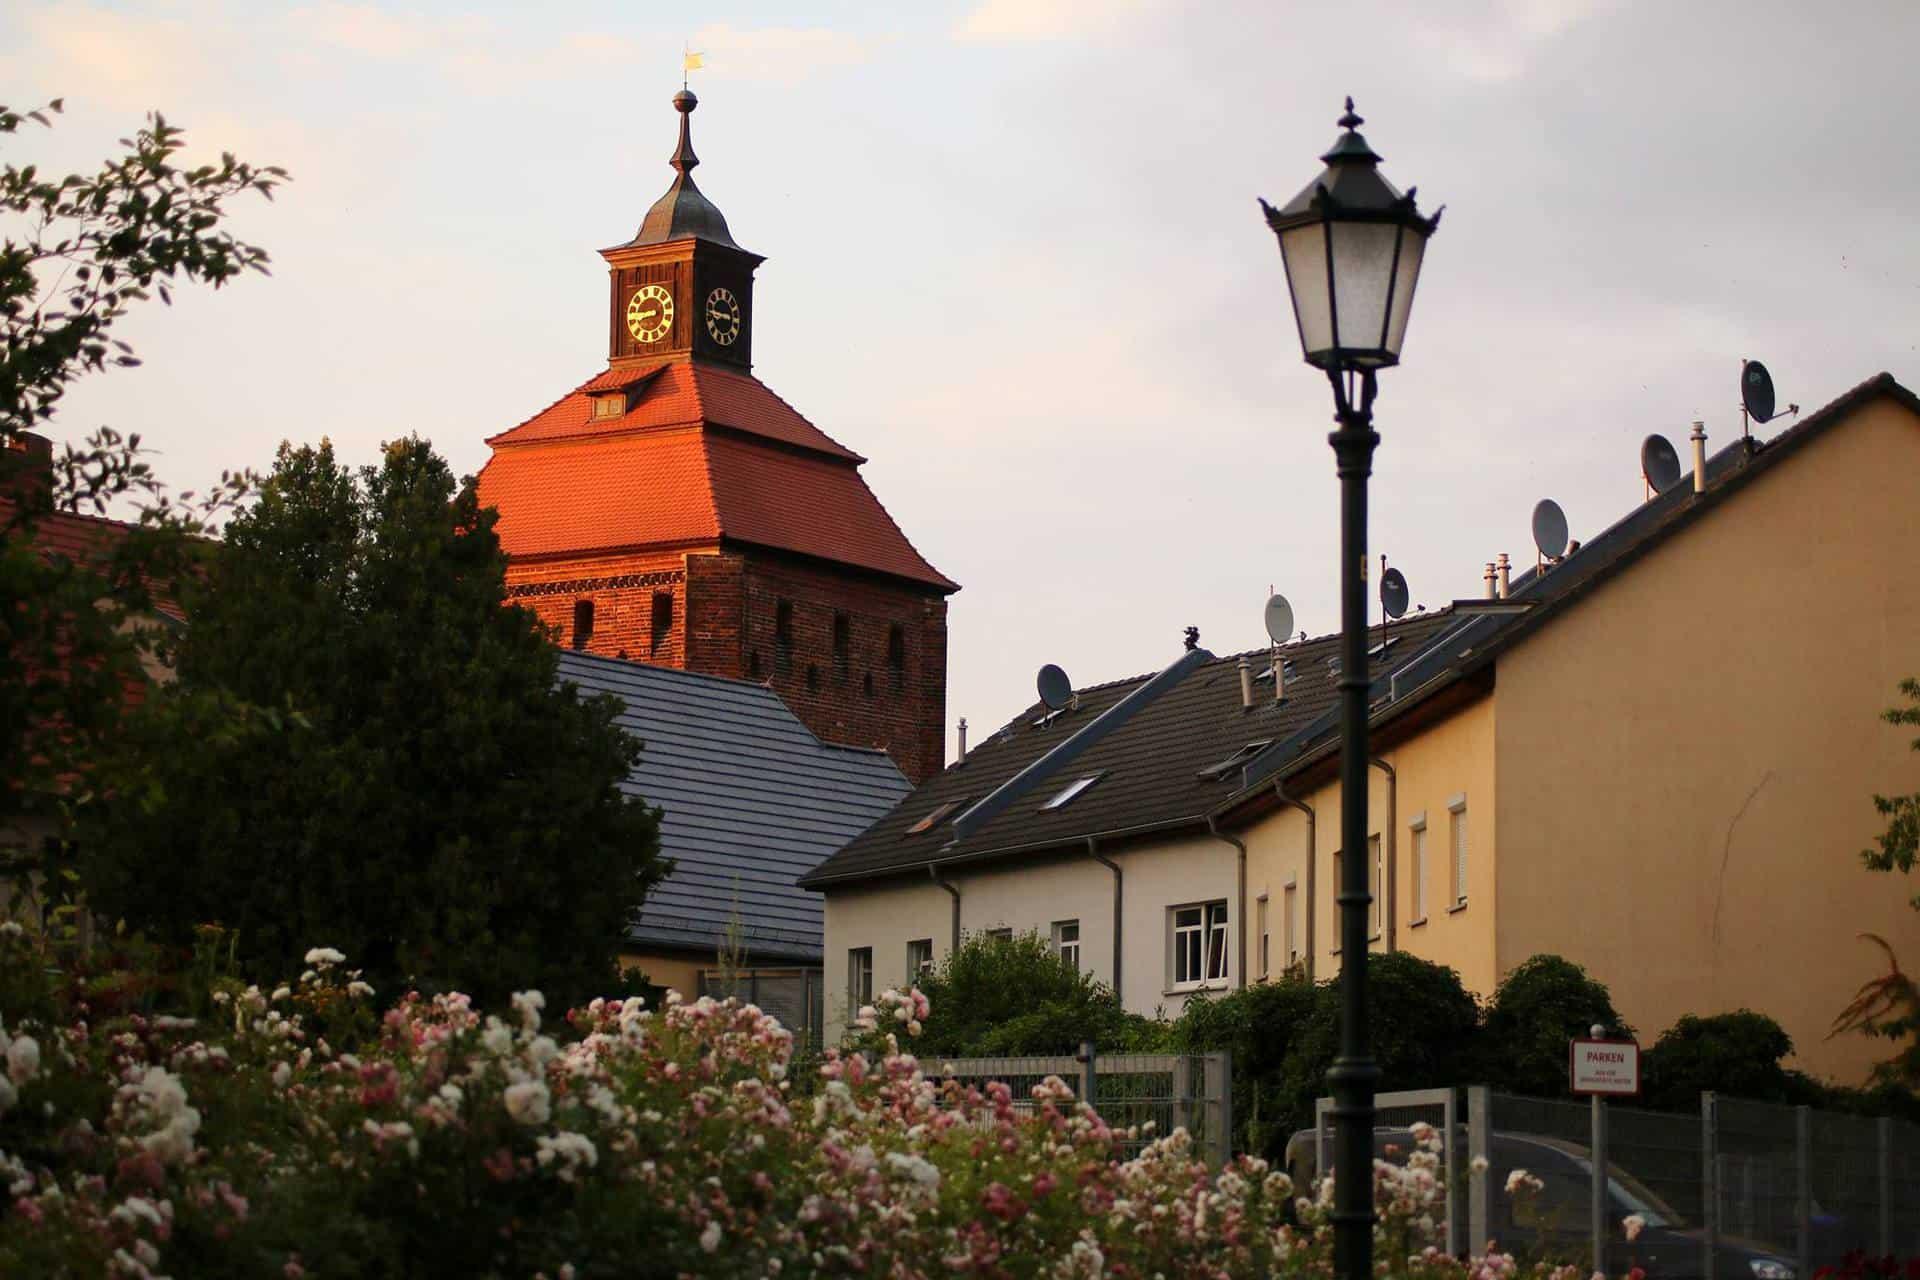 Guten Morgen aus Bernau und willkommen in der neuen Woche